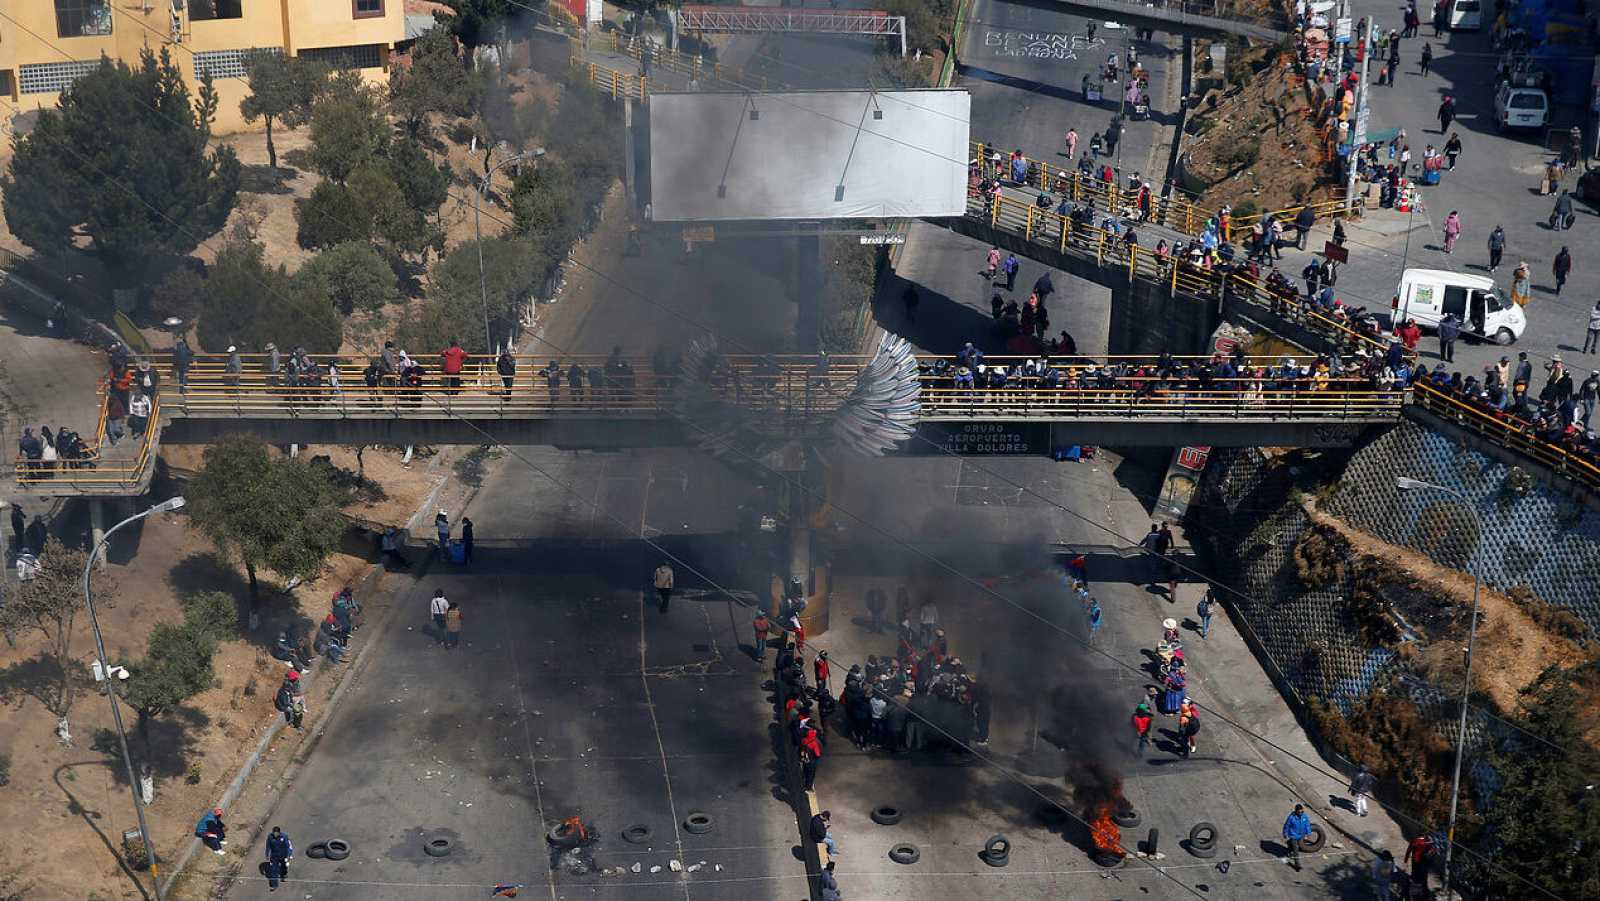 Vista aérea de un punto de bloqueo por partidarios del exlíder Evo Morales que exigen la celebración de las elecciones presidenciales, pospuestas debido al coronavirus.